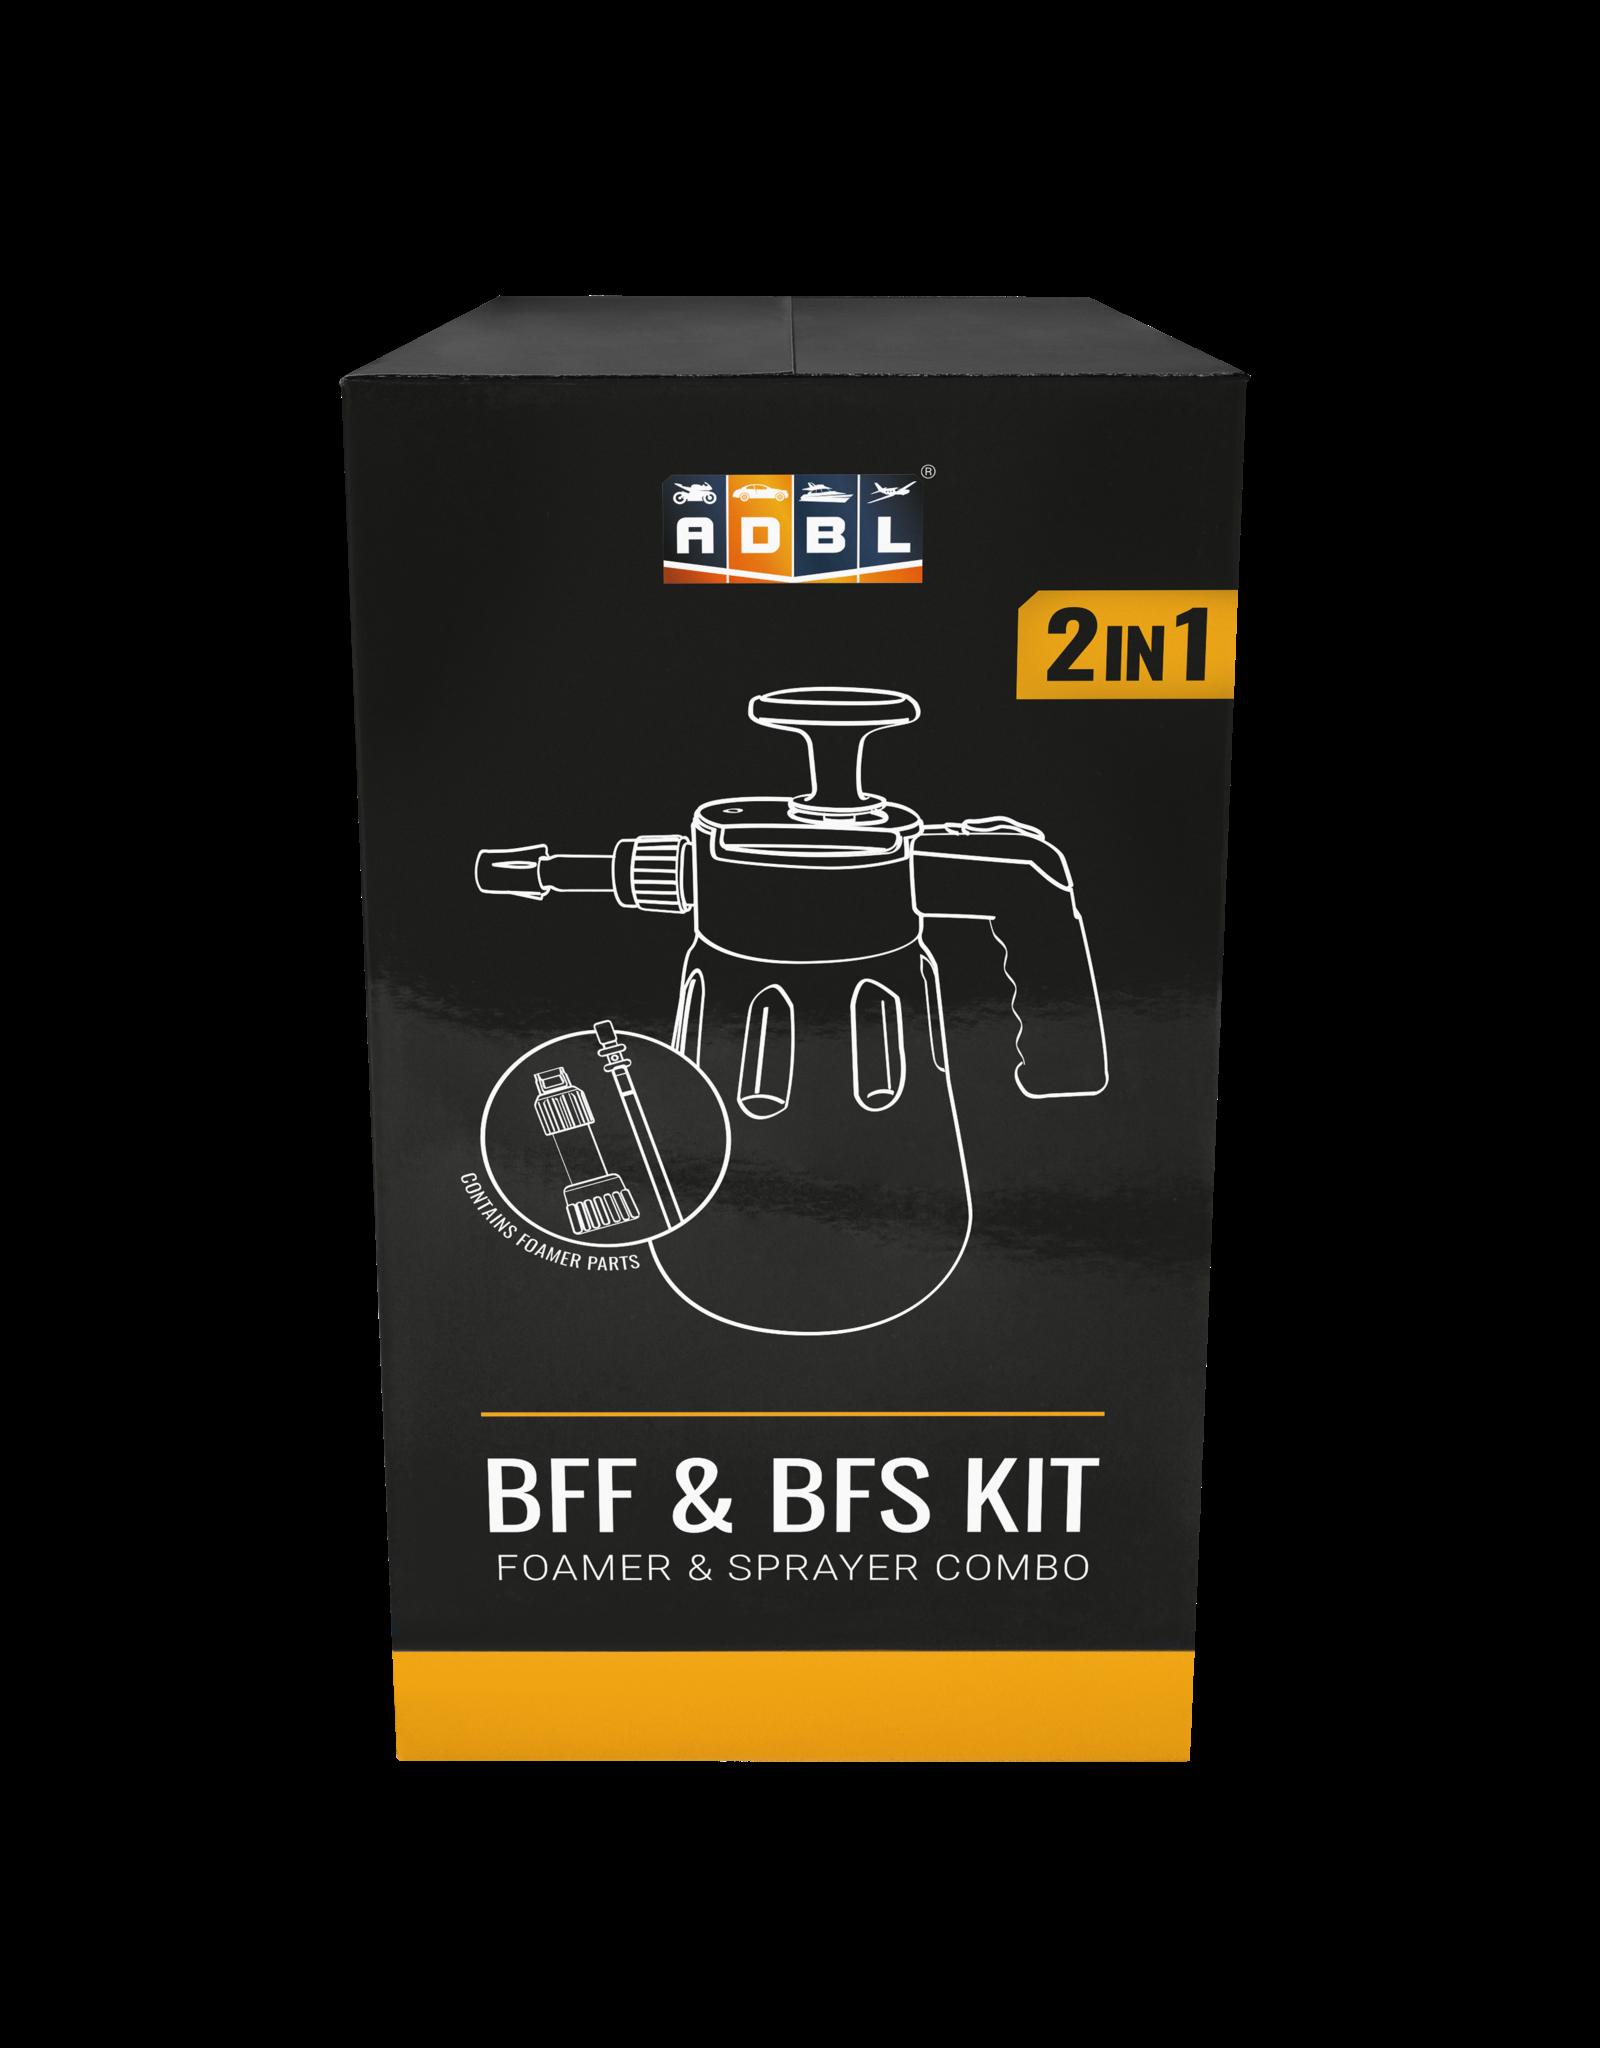 ADBL BFS & BFF Kit